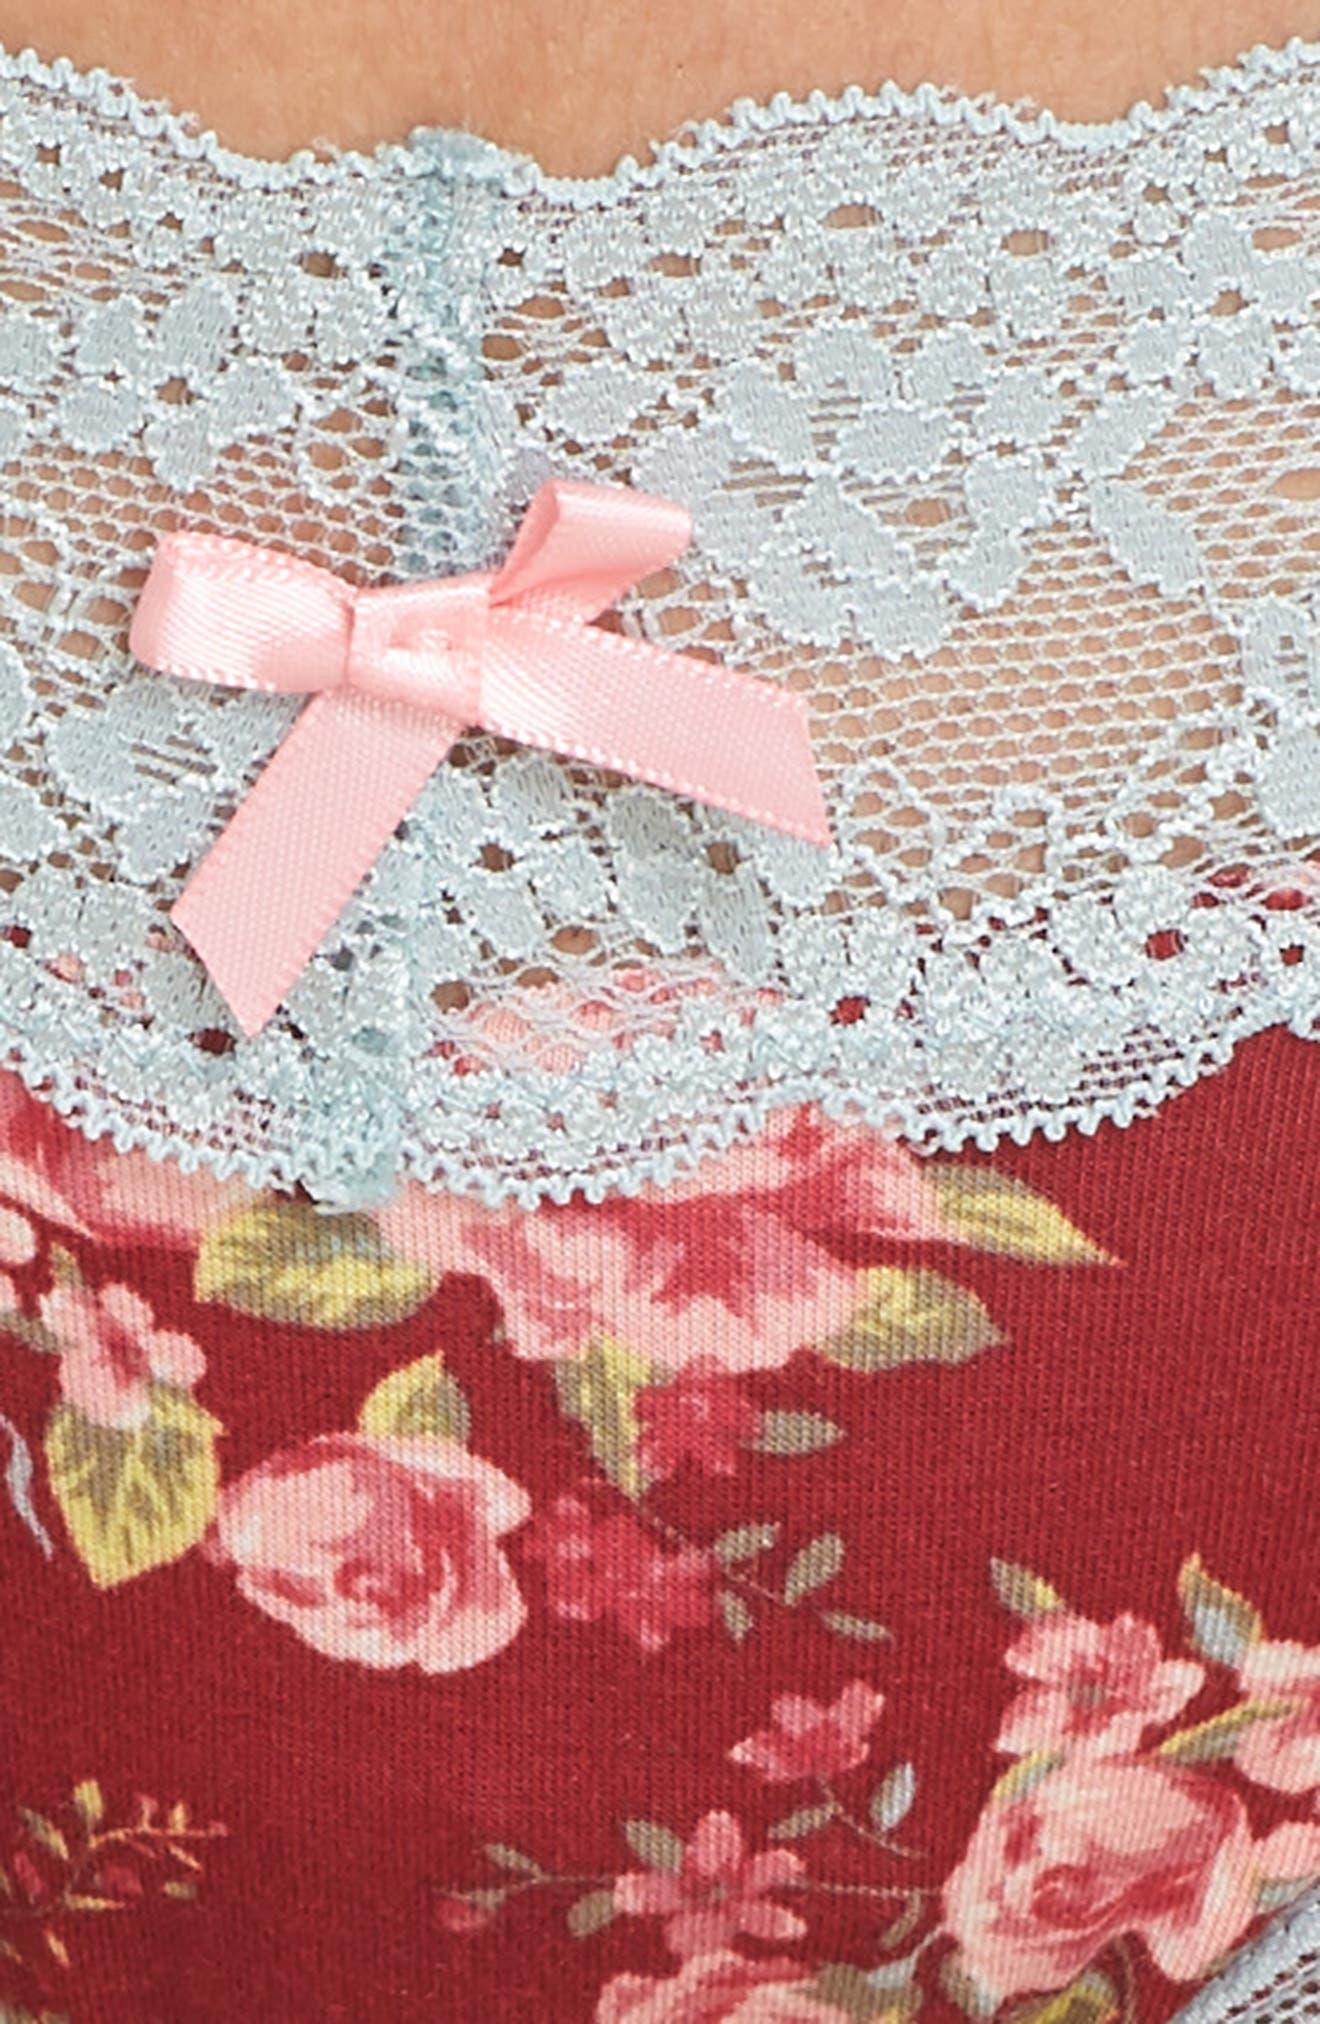 Lace Trim Low Rise Thong,                             Alternate thumbnail 5, color,                             Pomme Floral